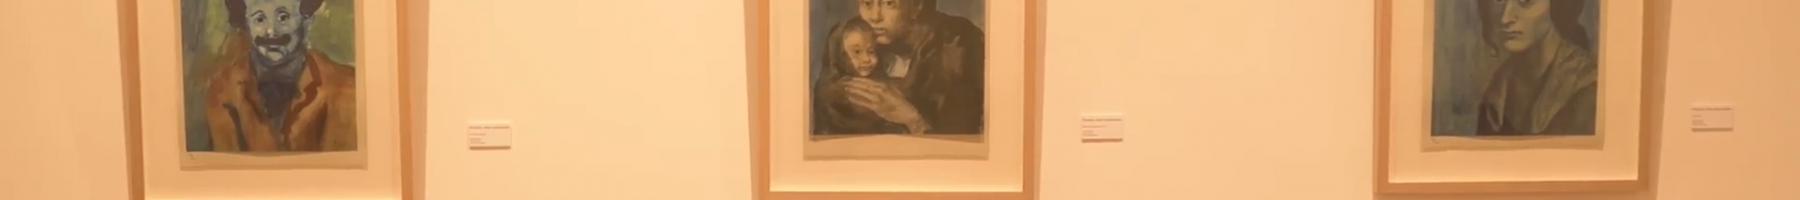 """Exposición """"Aún sorprendo"""" de Picasso en el Museo Dr. Rafael Calderón Guardia de Costa Rica"""